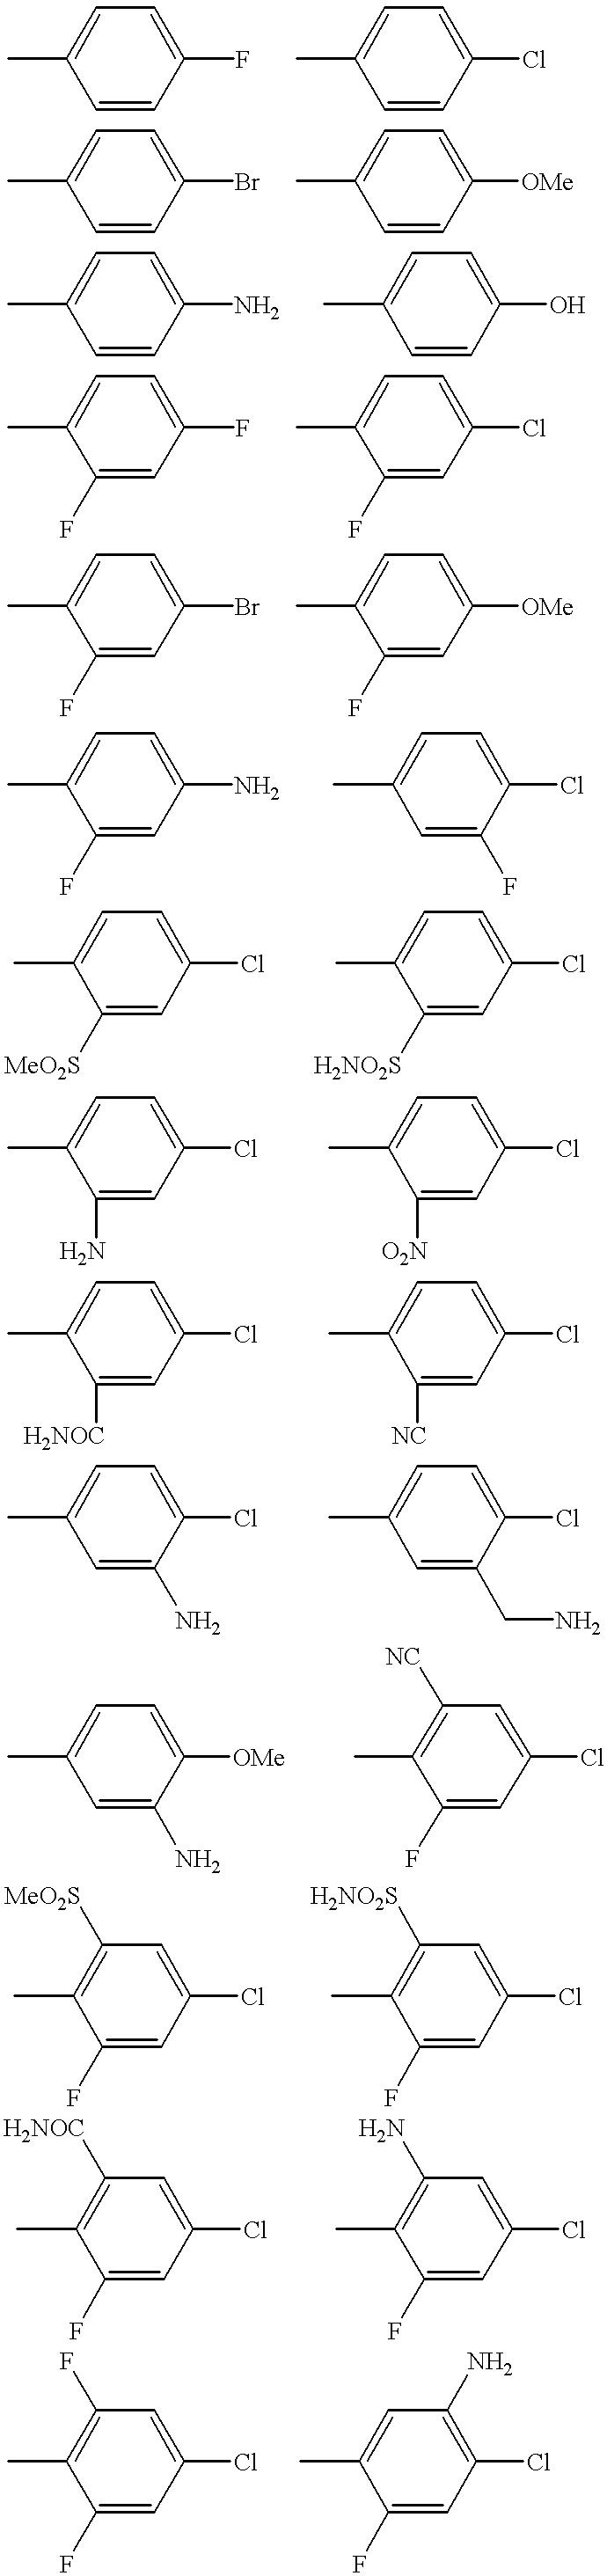 Figure US06376515-20020423-C00082